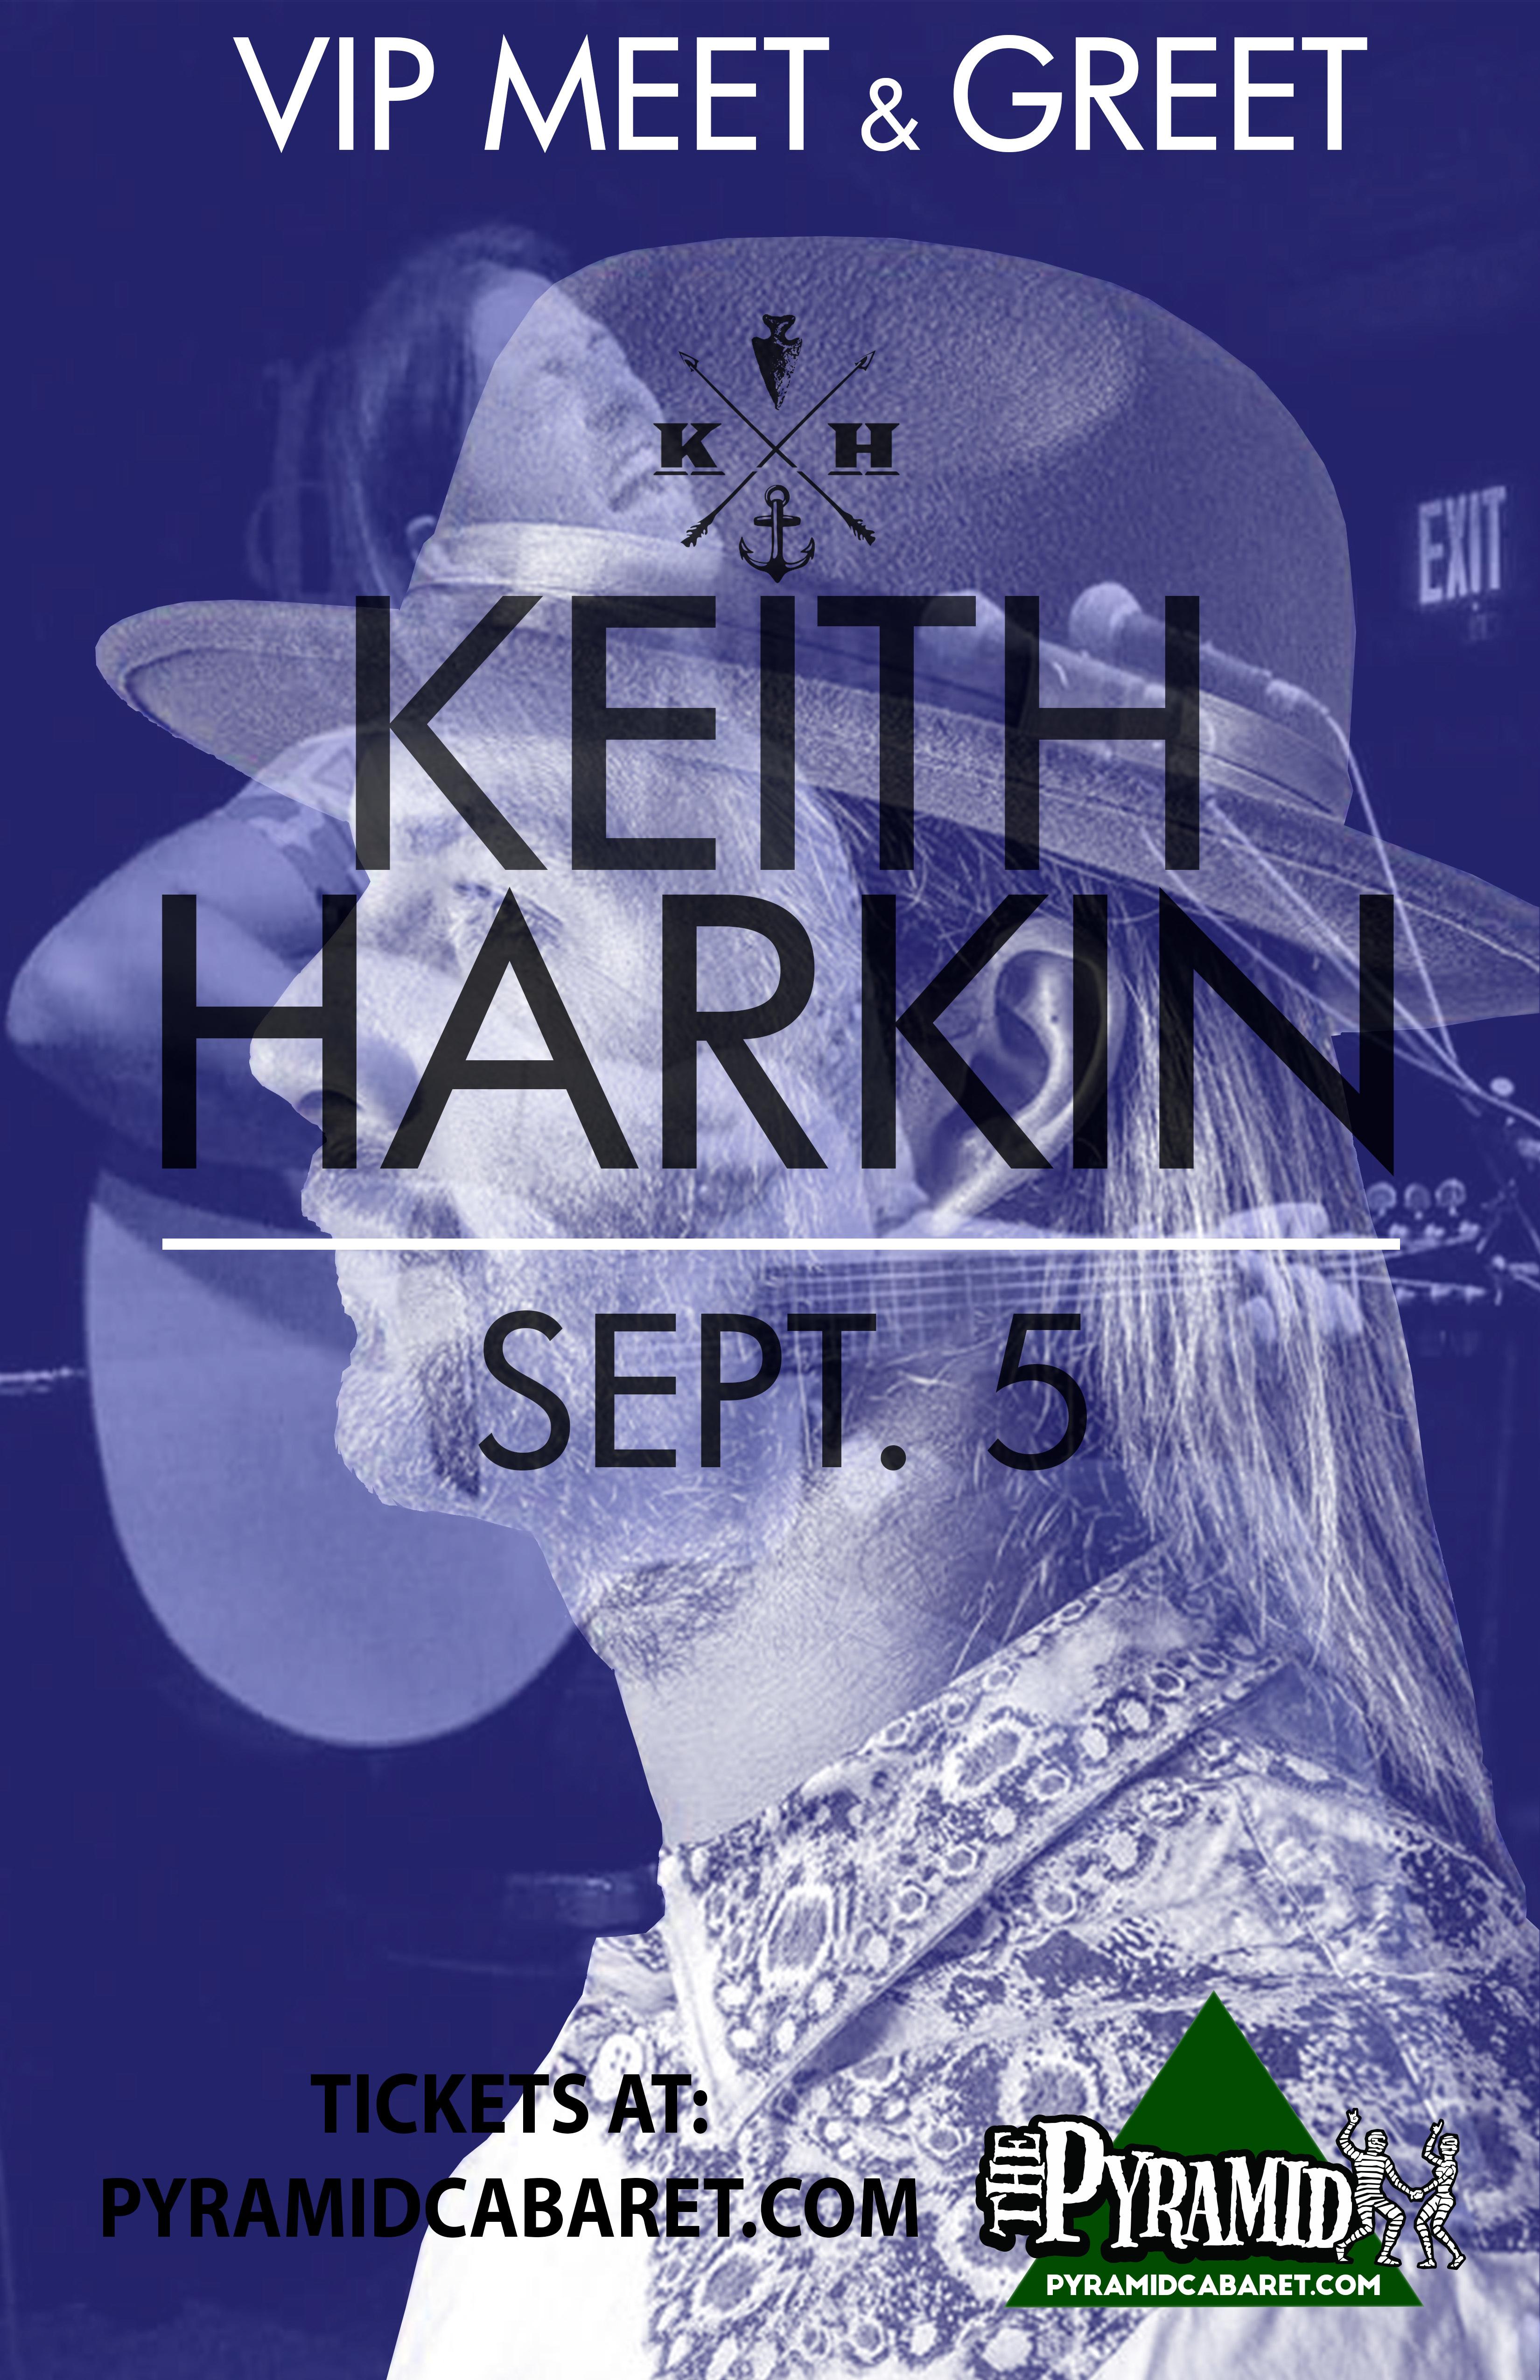 KEITH HARKIN - VIP - Meet & Greet 00187